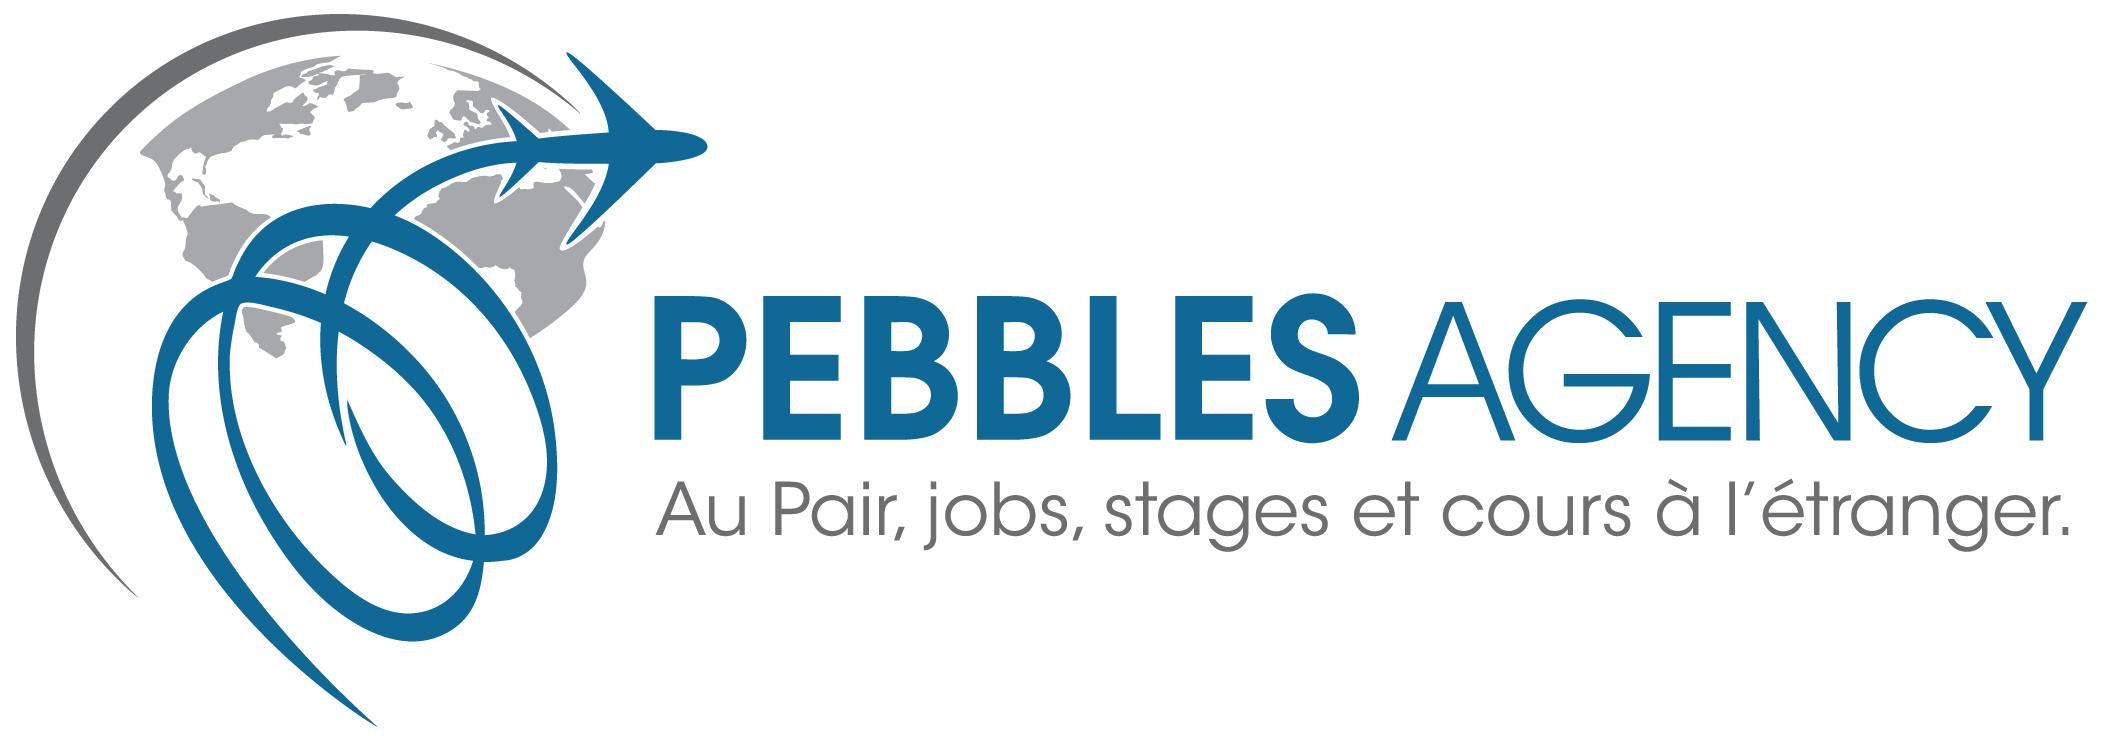 Pebbles agency travailler dans l 39 h tellerie en australie for Job hotellerie